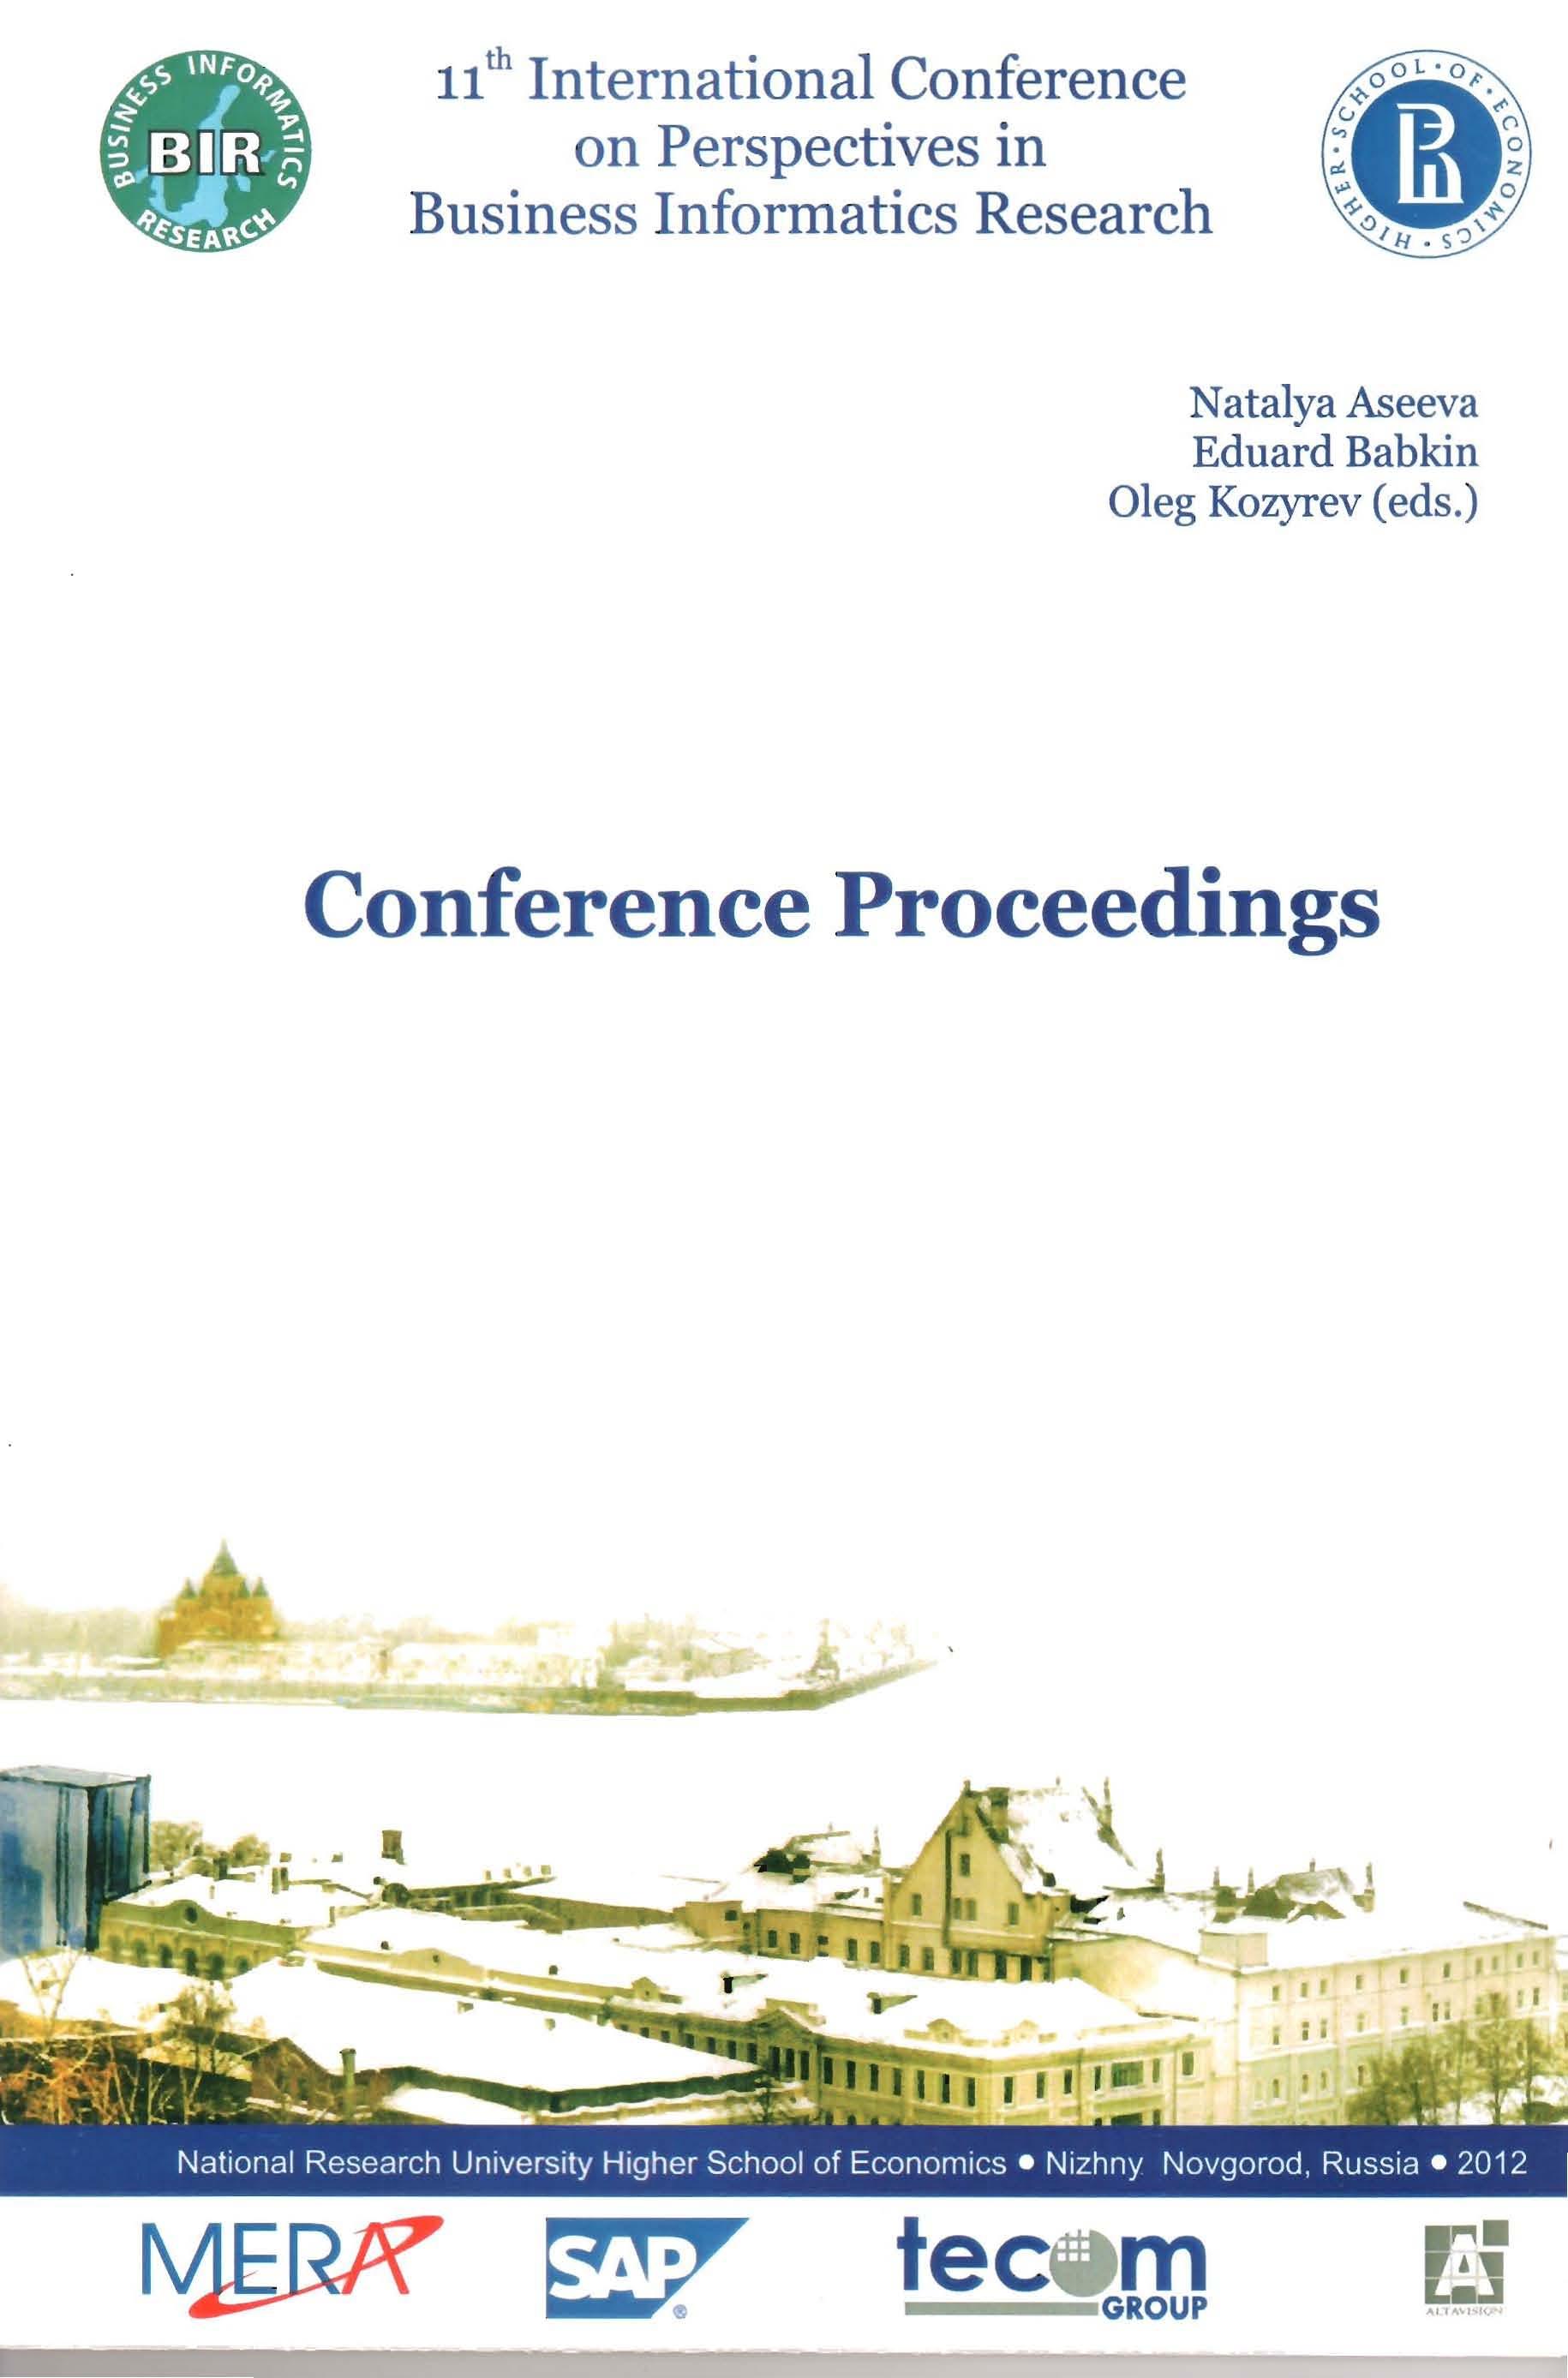 Перспективные направления исследований в области бизнес-информатики: Материалы XI международной конференции